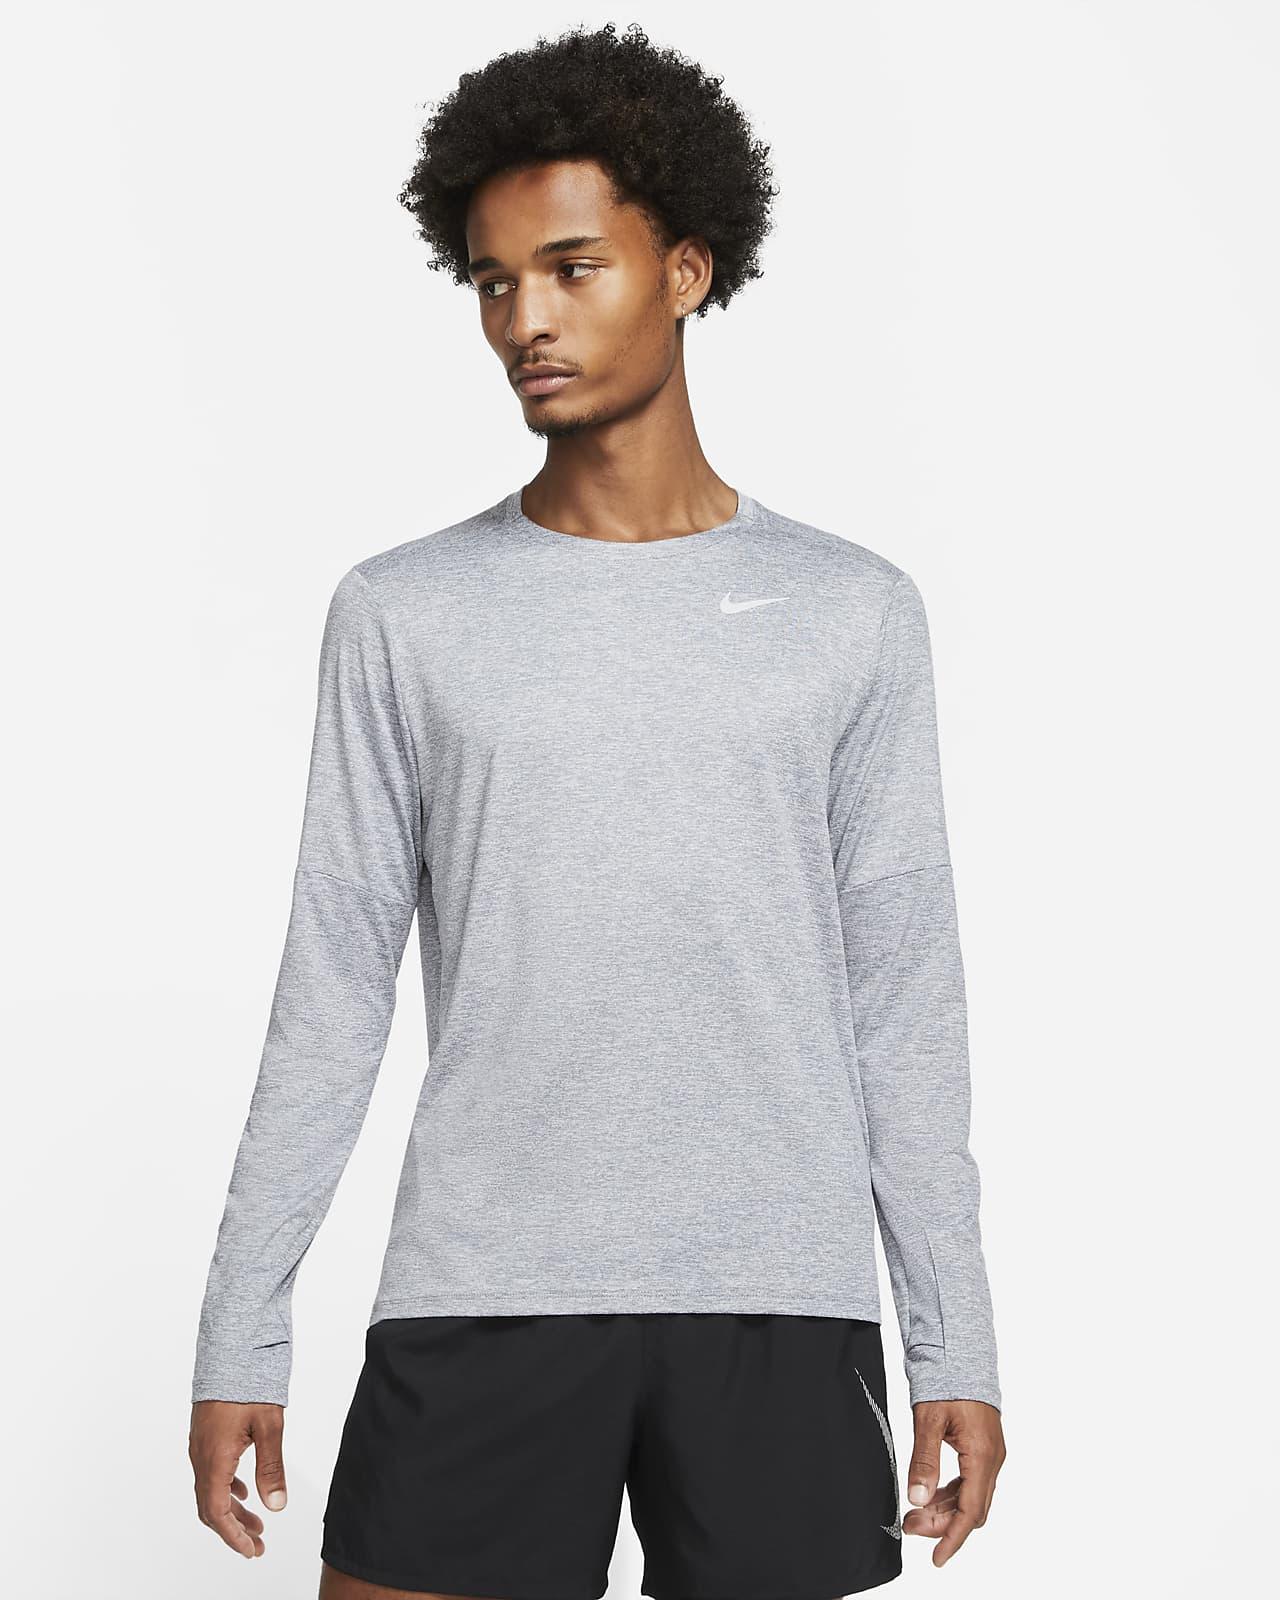 Nike Dri-FIT Hardlooptop met ronde hals voor heren